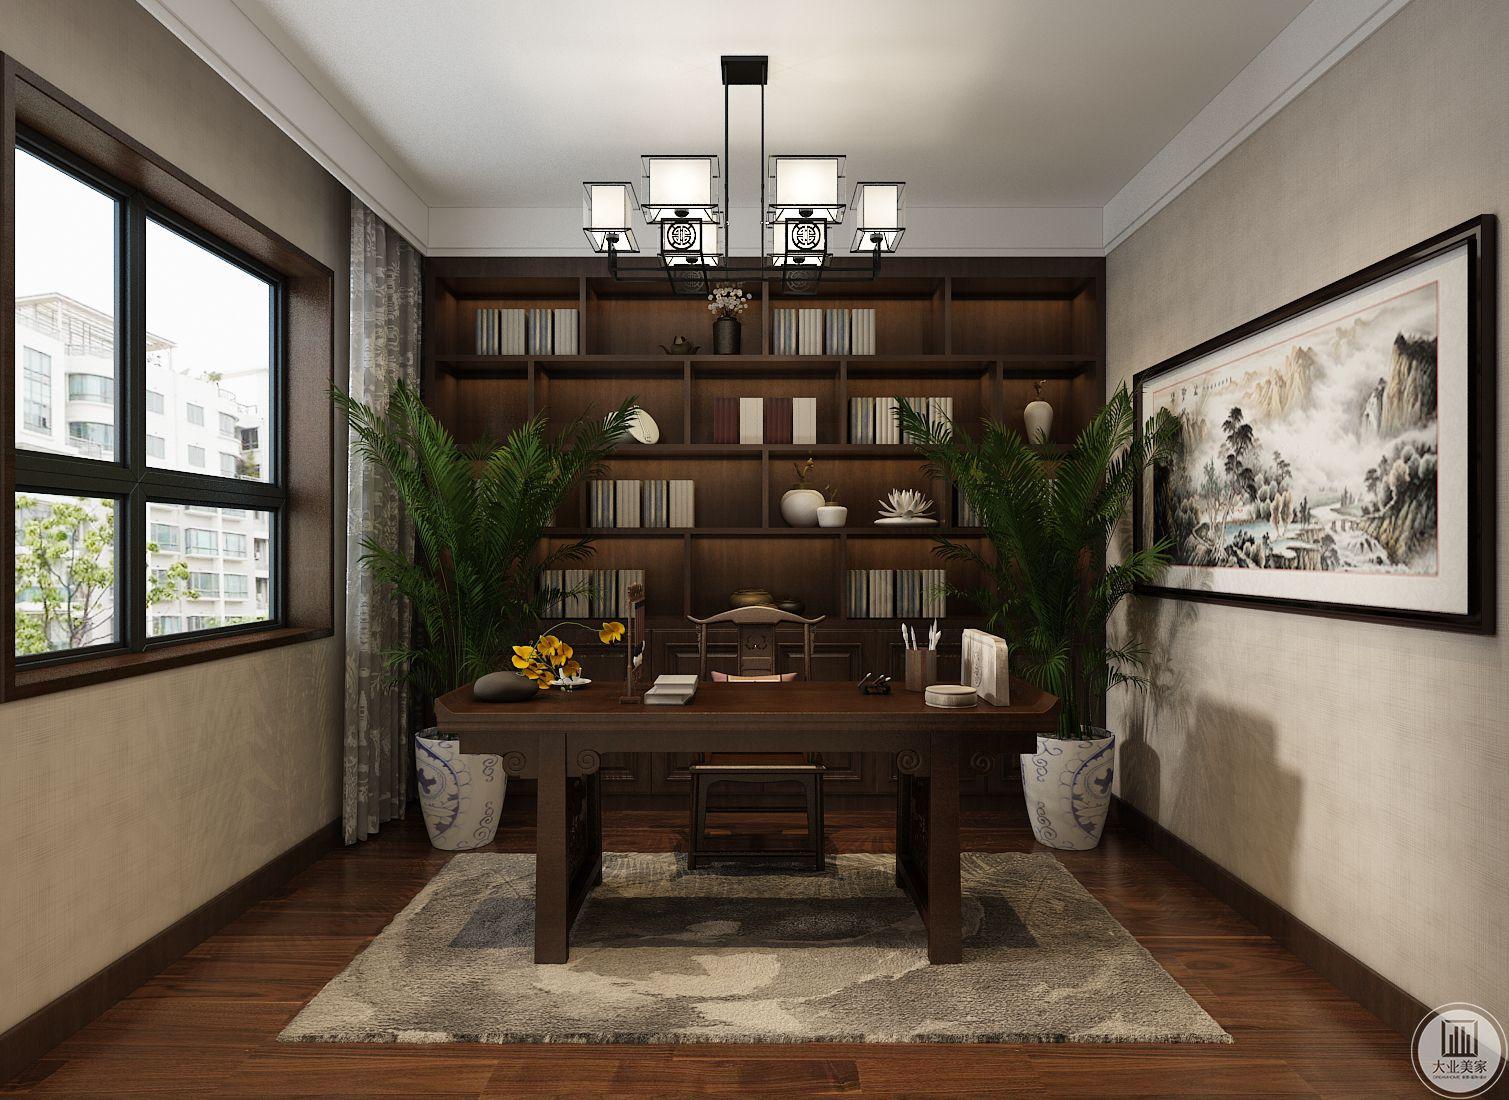 书房装修效果图:书房书桌都采用实木装饰,椅子两侧摆放绿植。